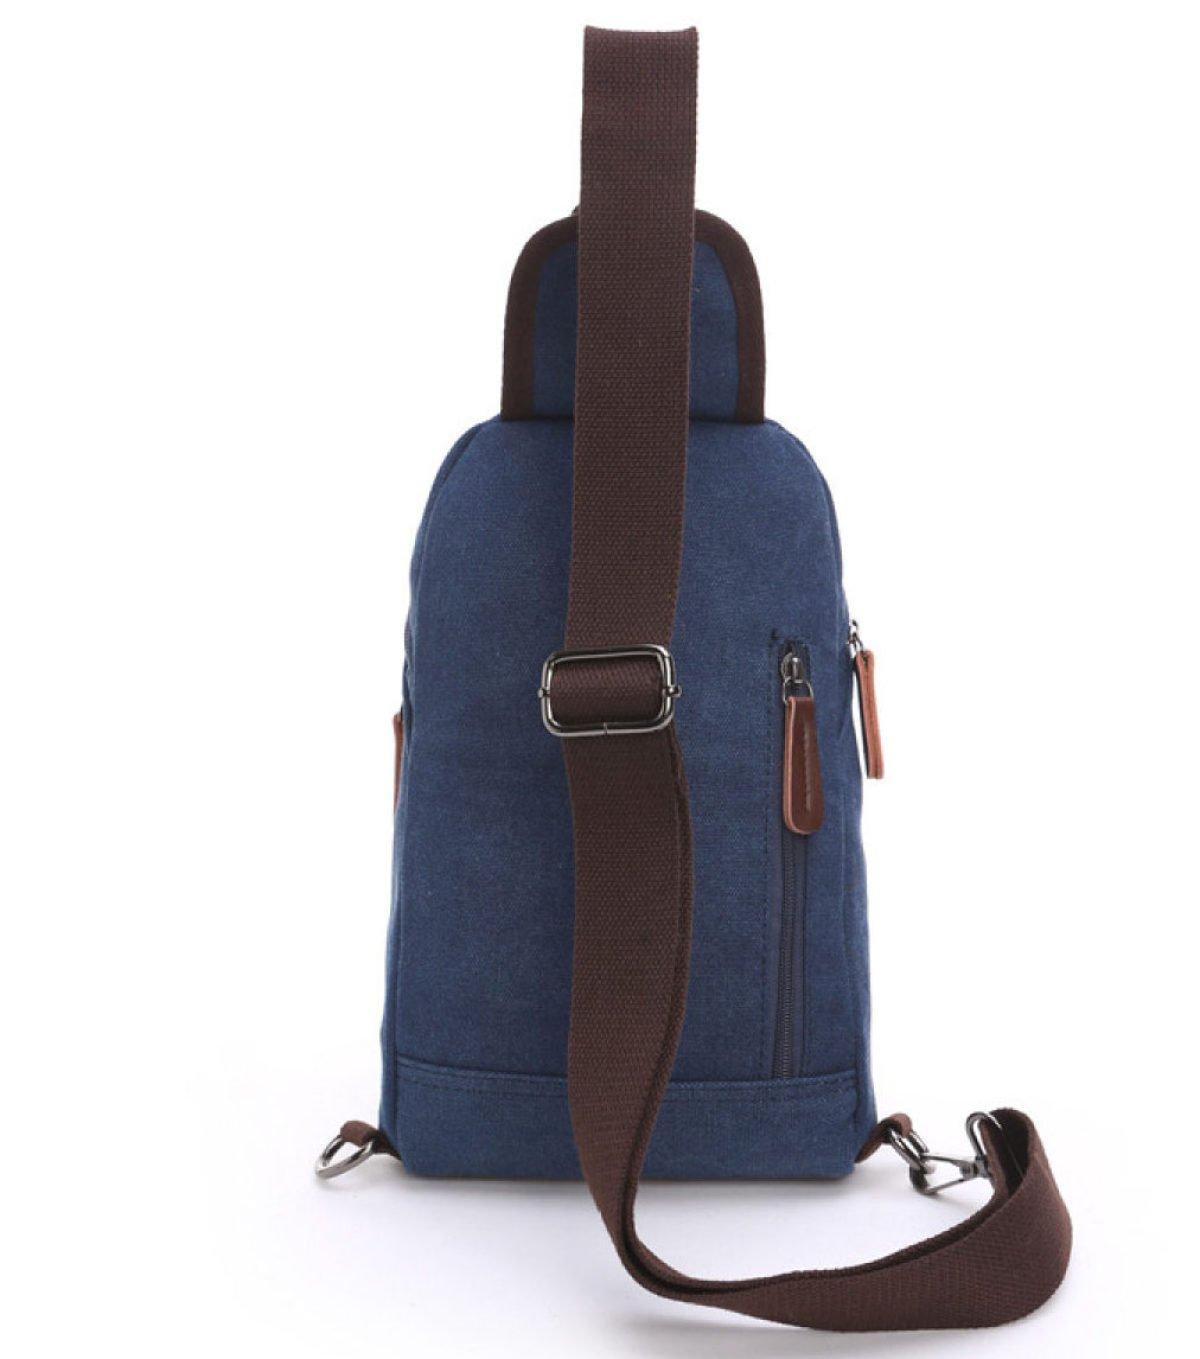 BAAFG Shoulder Backpack Sling Bag Chest Bags for Men Crossbody Messenger Bag Blue Canvas,NavyBlue-OneSize